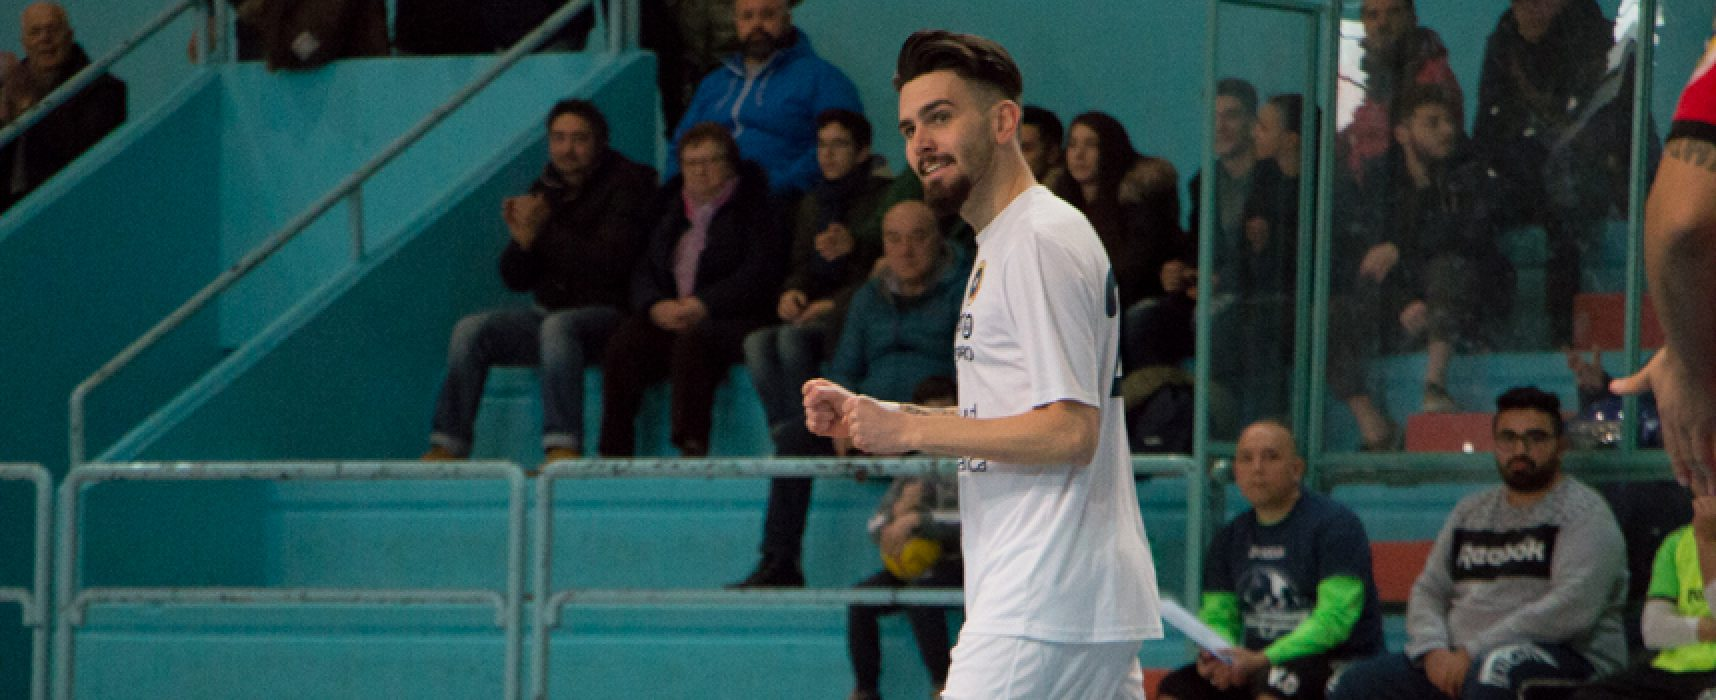 Futsal Bisceglie, vittoria al cardiopalma nel derby contro il Noicattaro